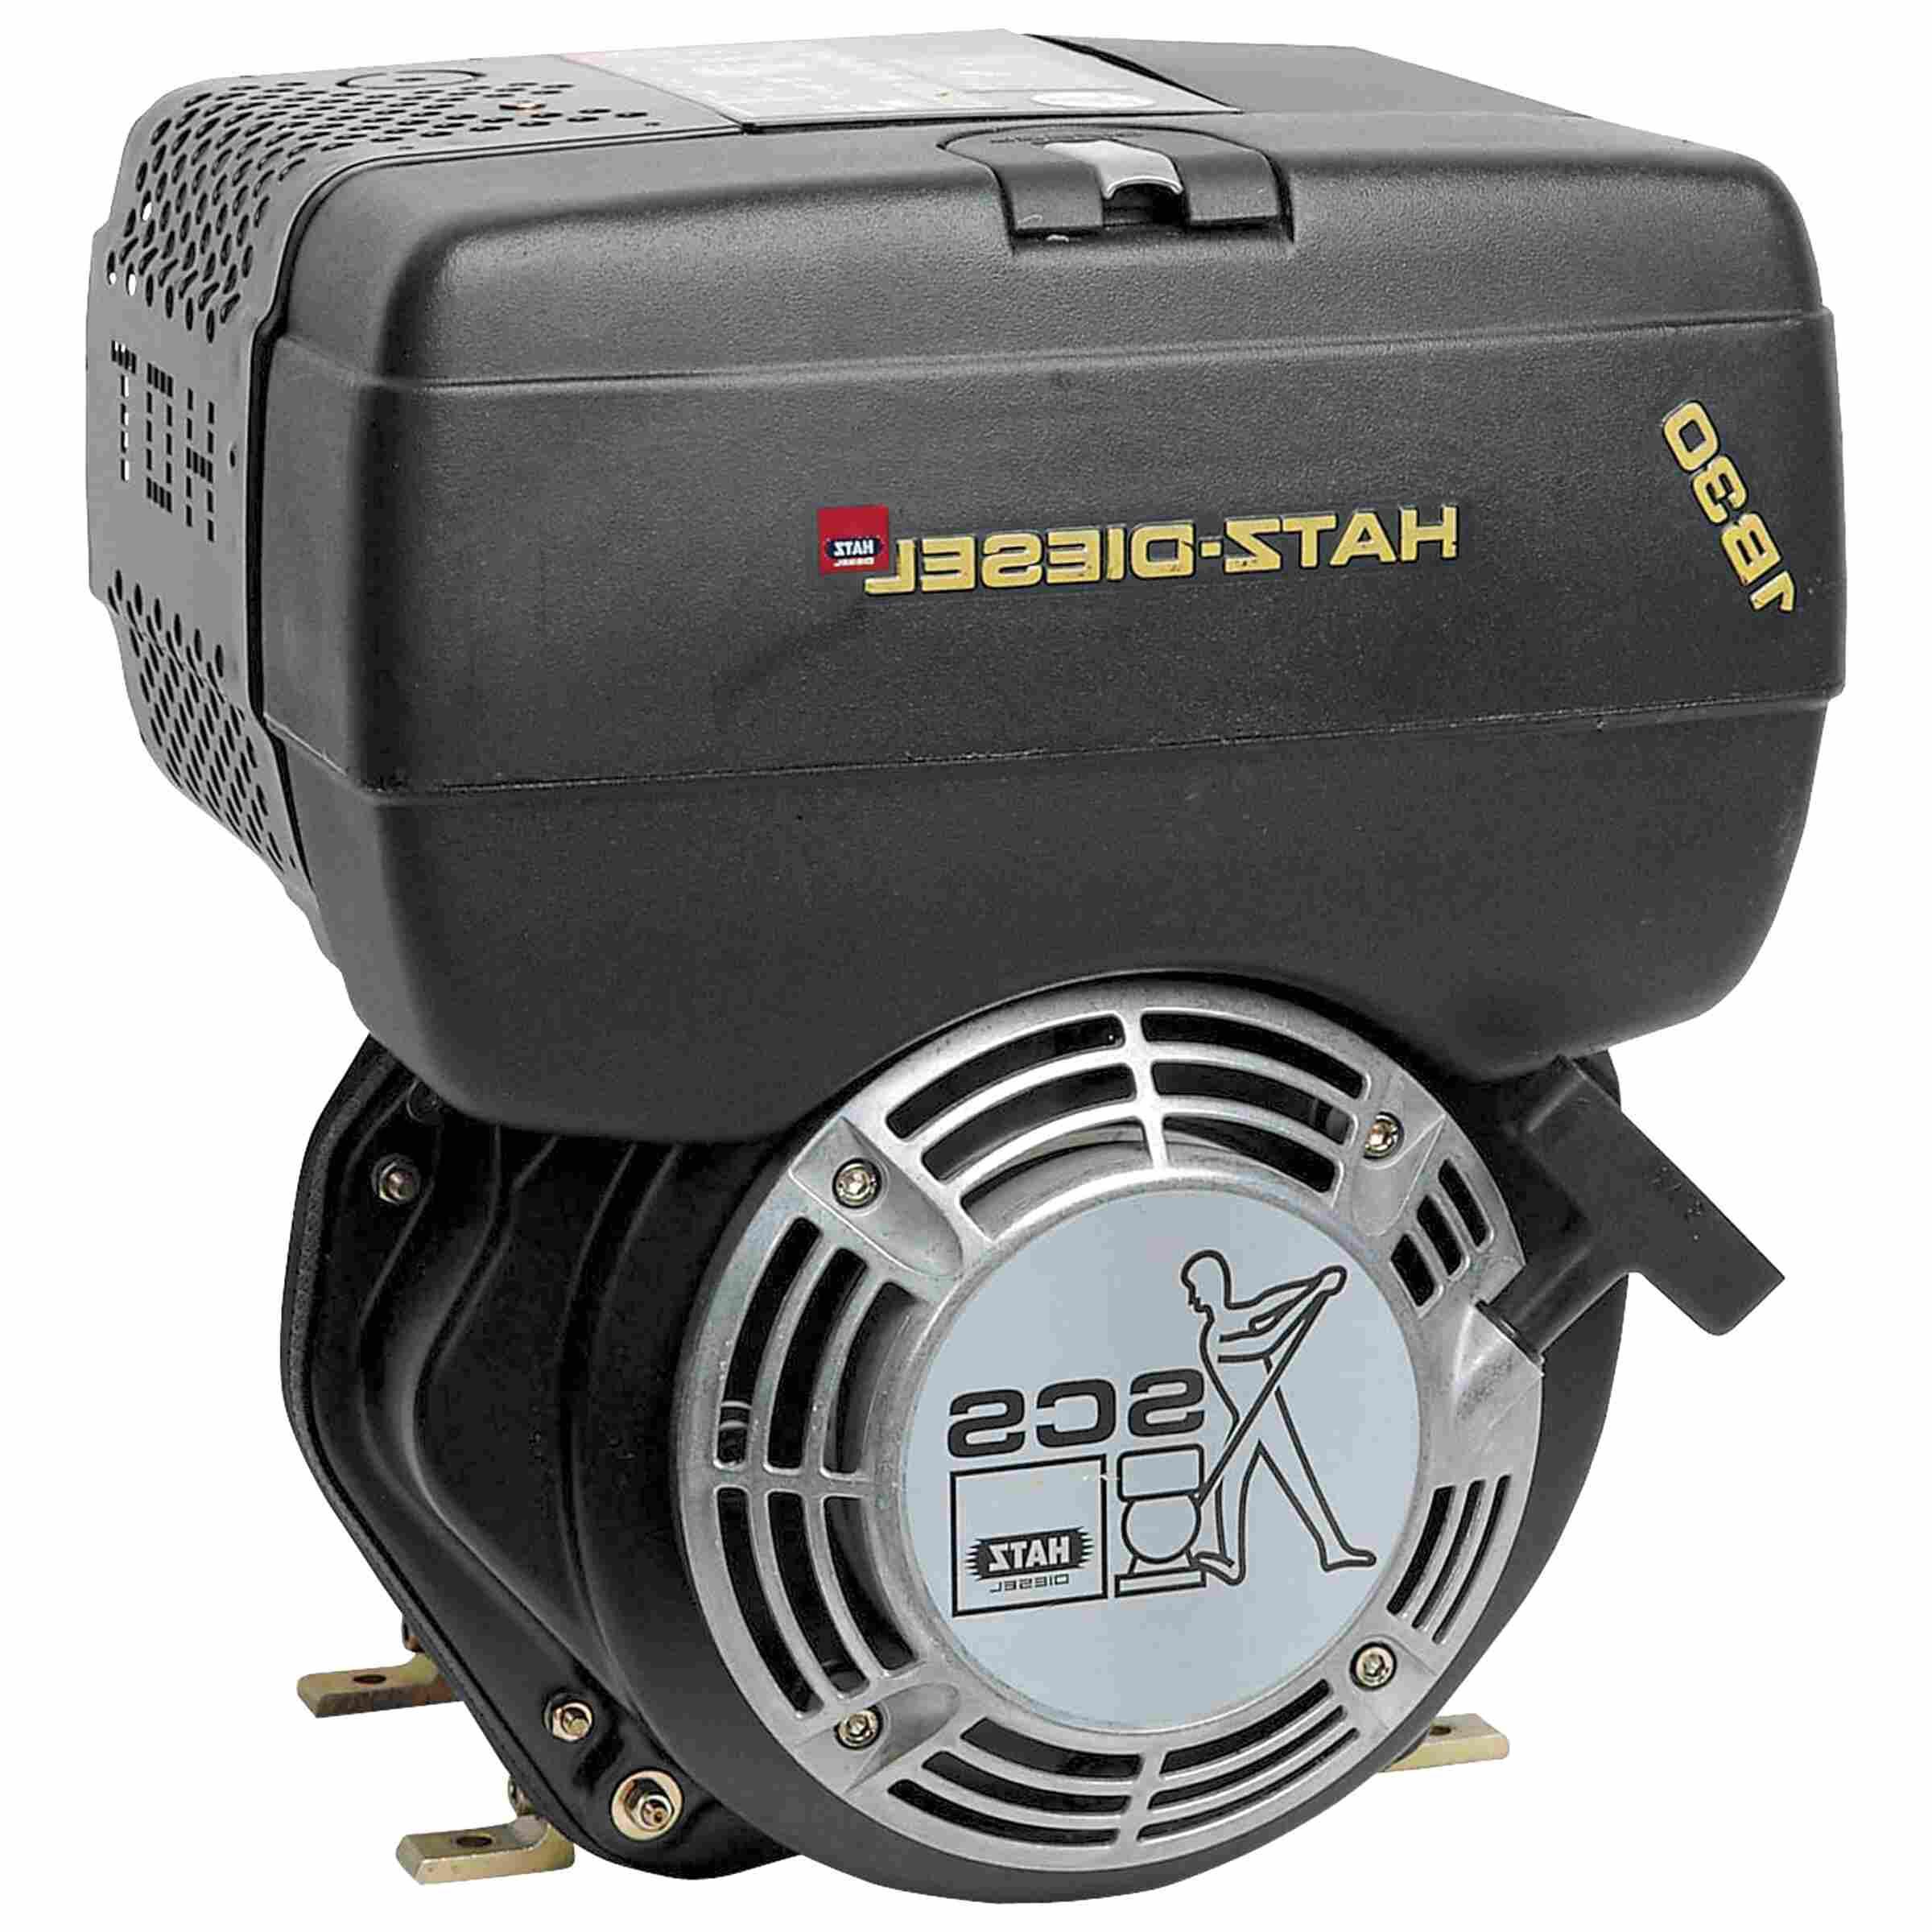 Fuel Filter Wacker Plates Cartridge Type fits Hatz 1B20 1B30 1B40